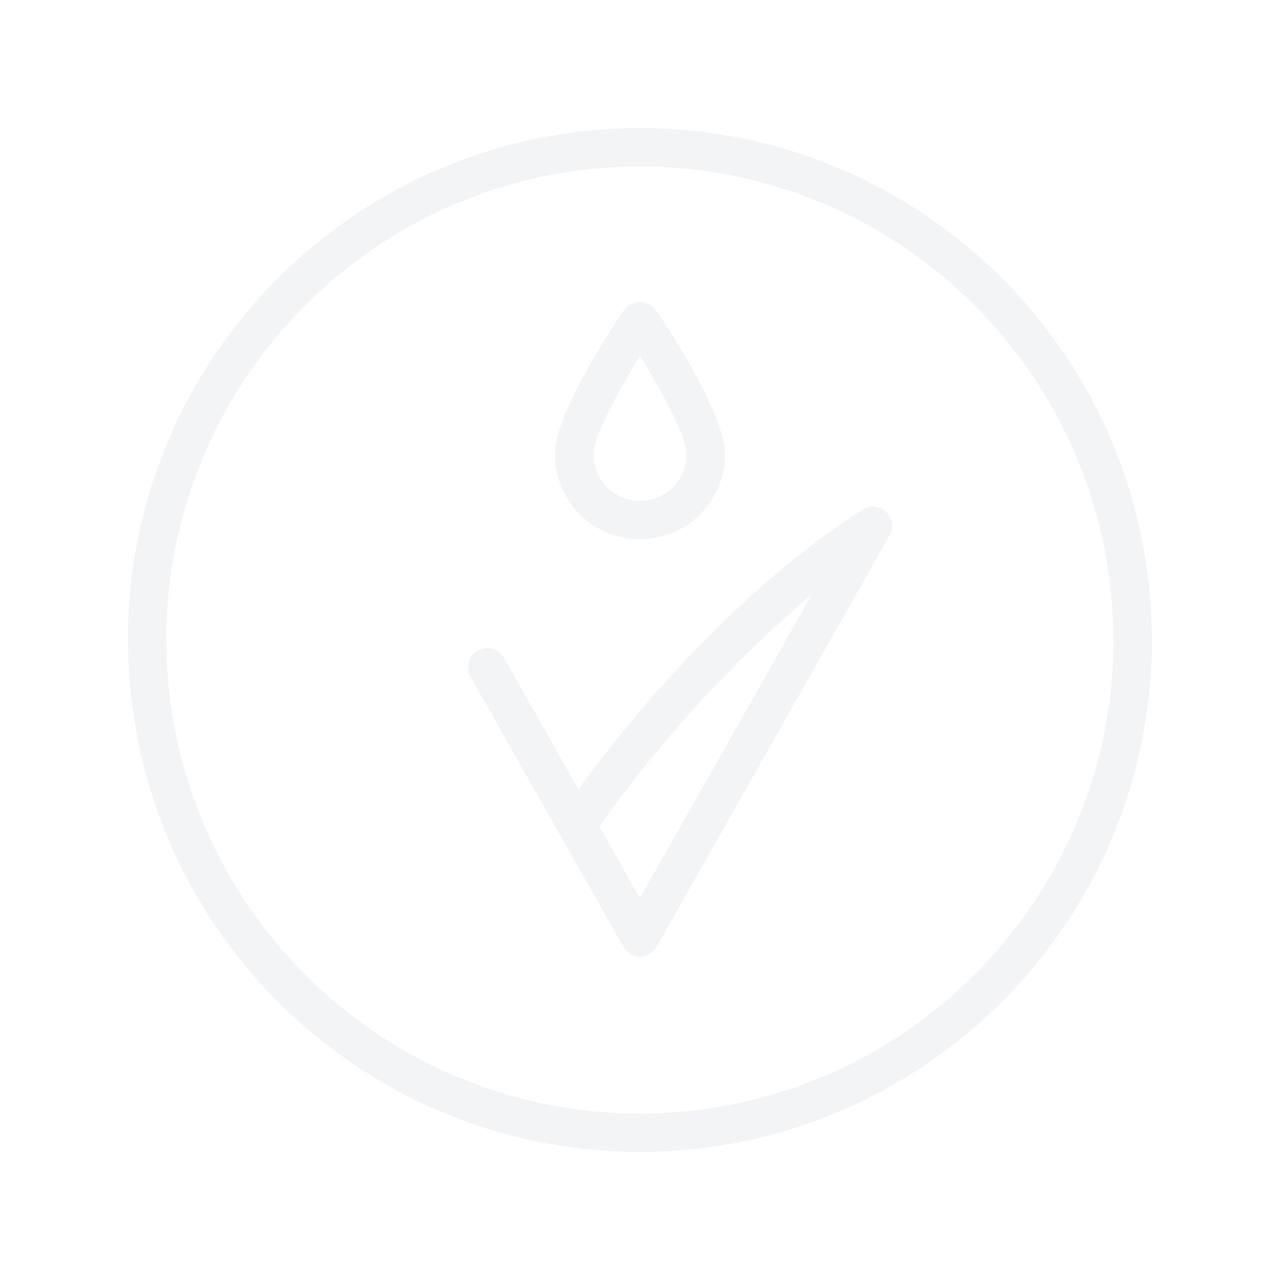 Elizabeth Arden Green Tea 100ml Eau Parfumee Gift Set